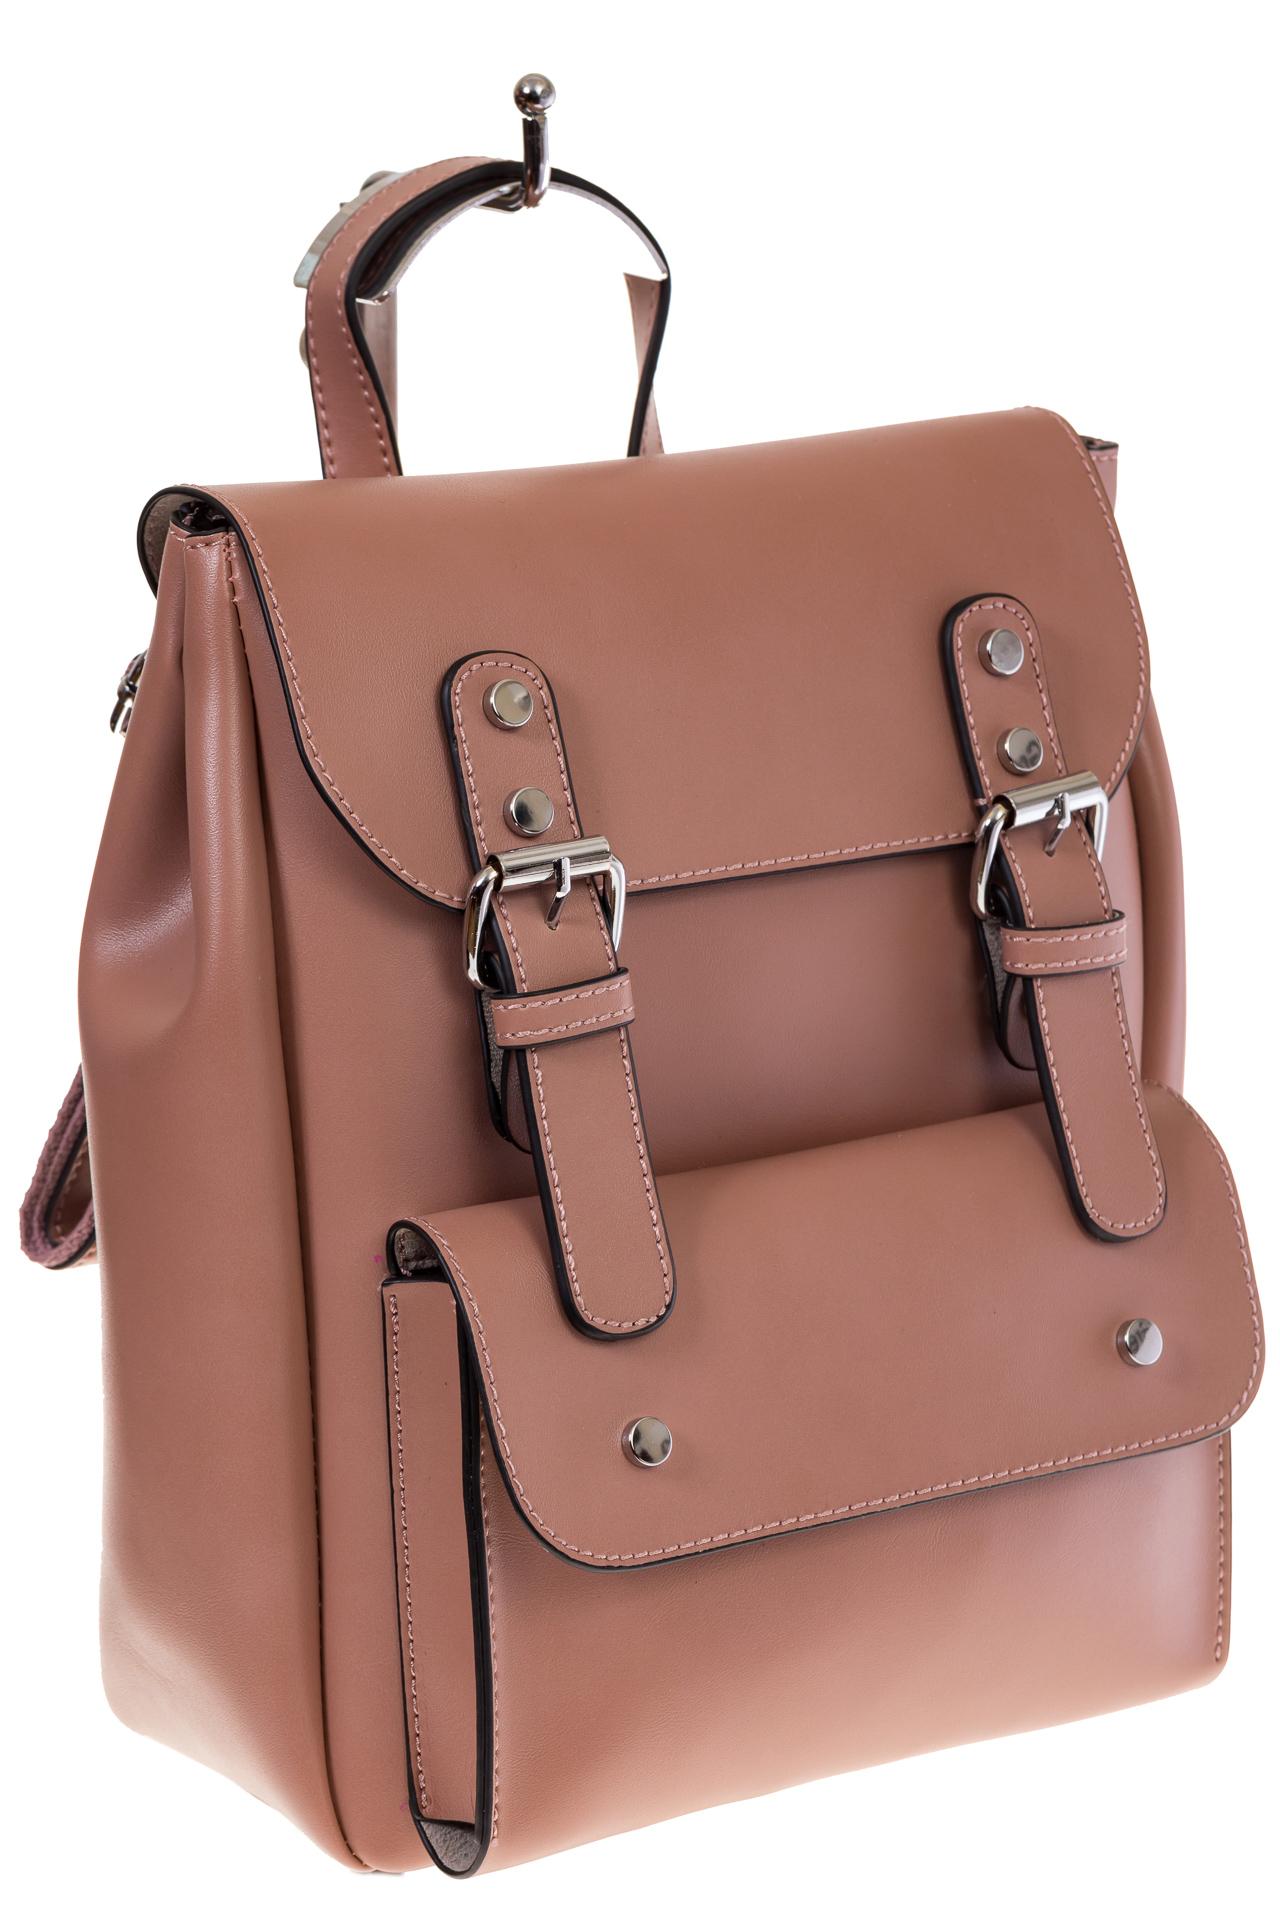 Купить оптом женский ранец из эко-кожи, цвет пудра, фото